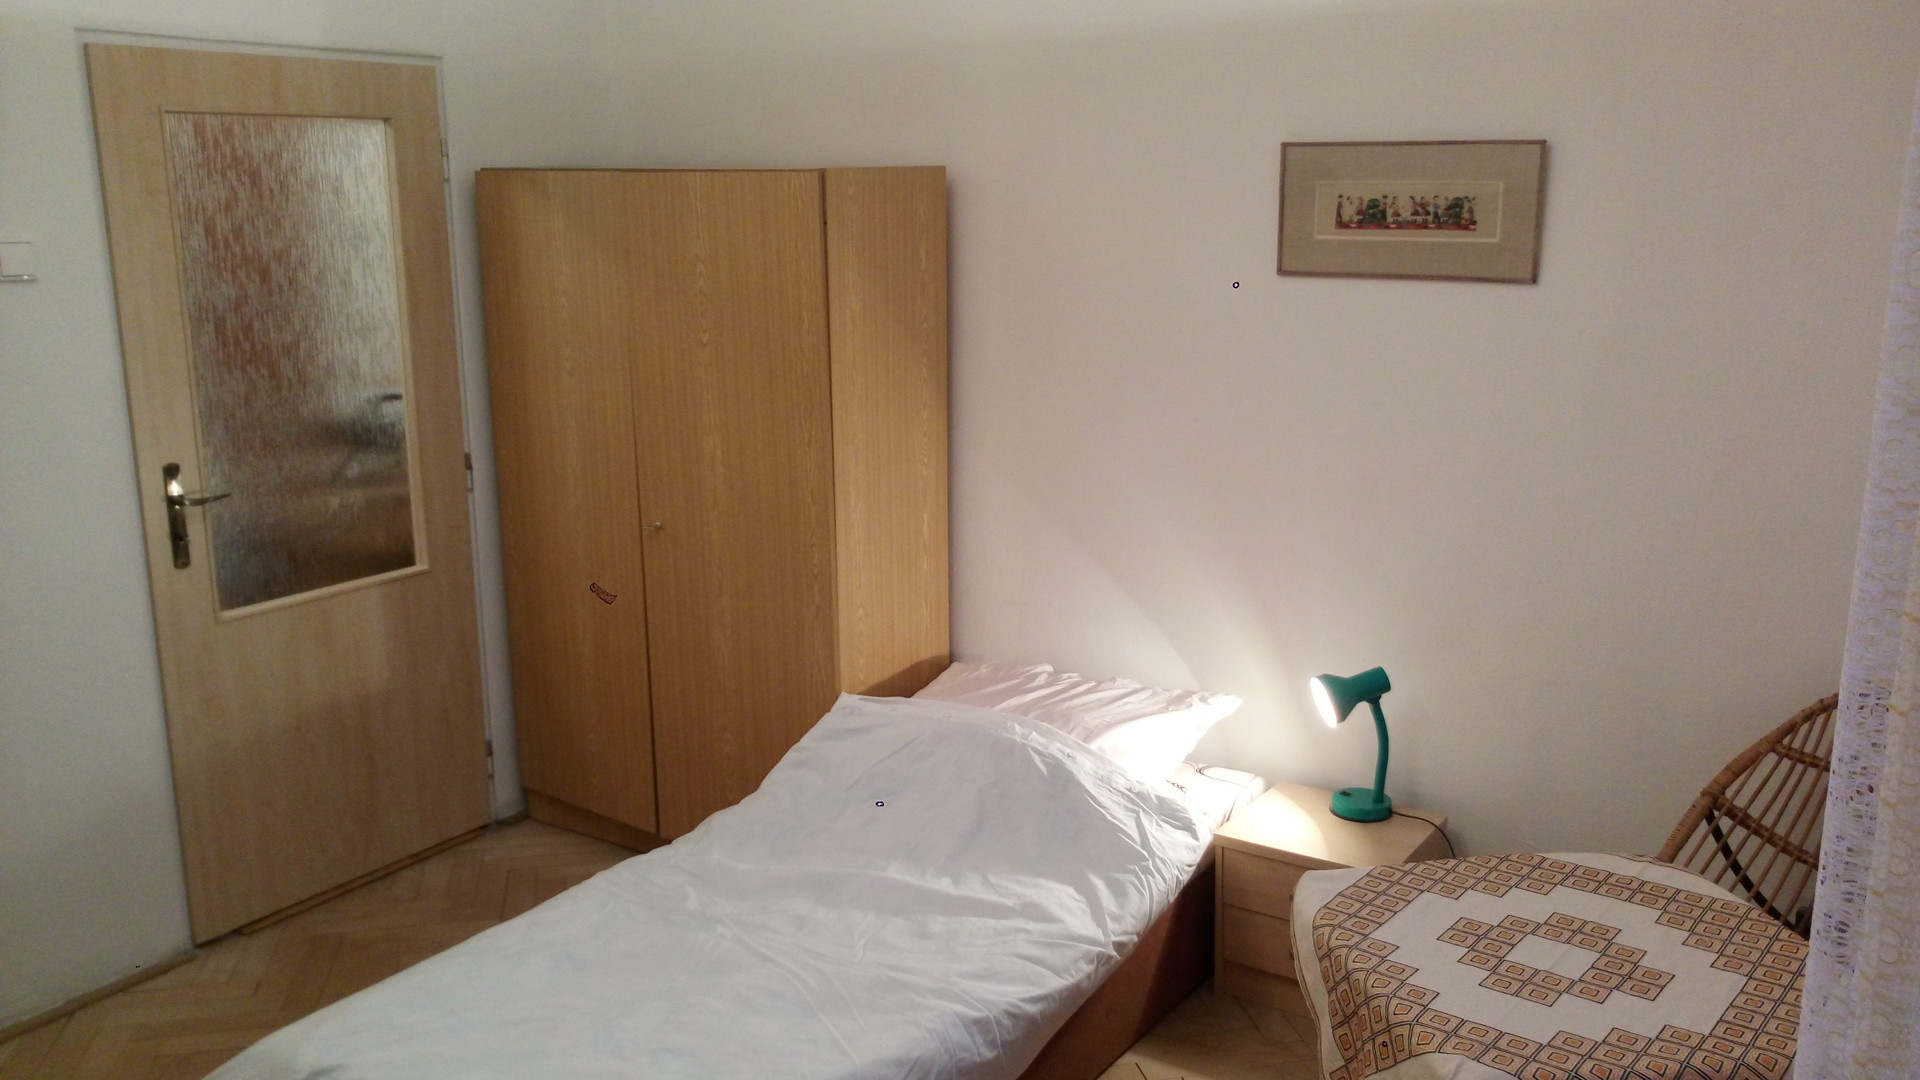 a-cozy-room-rooms-flat-center-new-town-bratislava-59ca923eaf65ce08d8745645c0f37b68